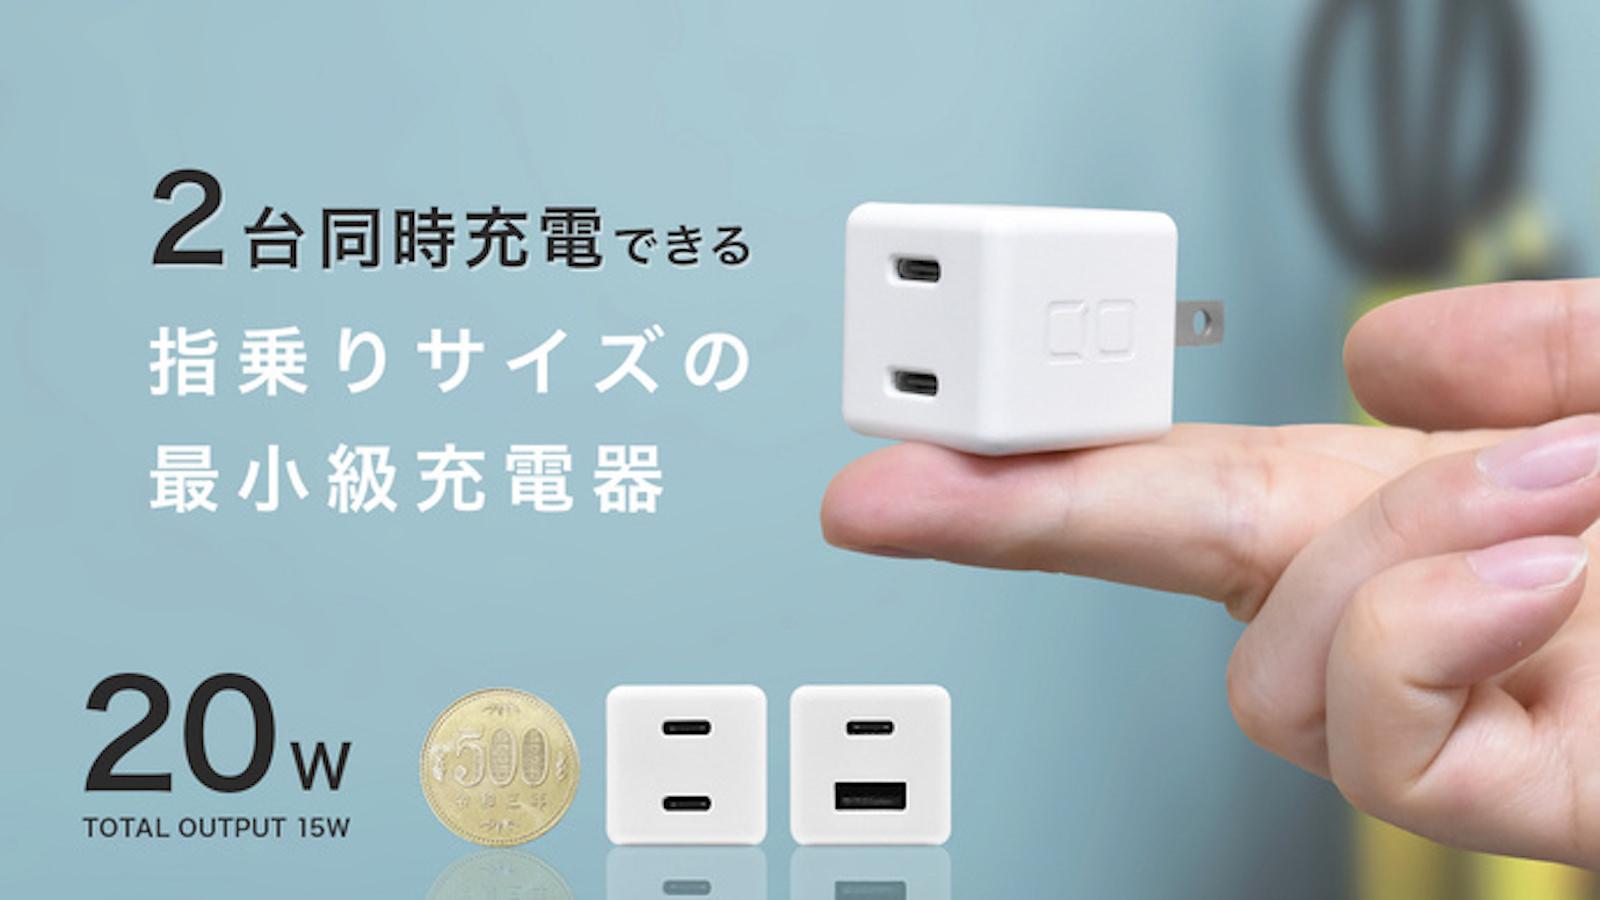 CIO 20cm USB Charger Makuake 1